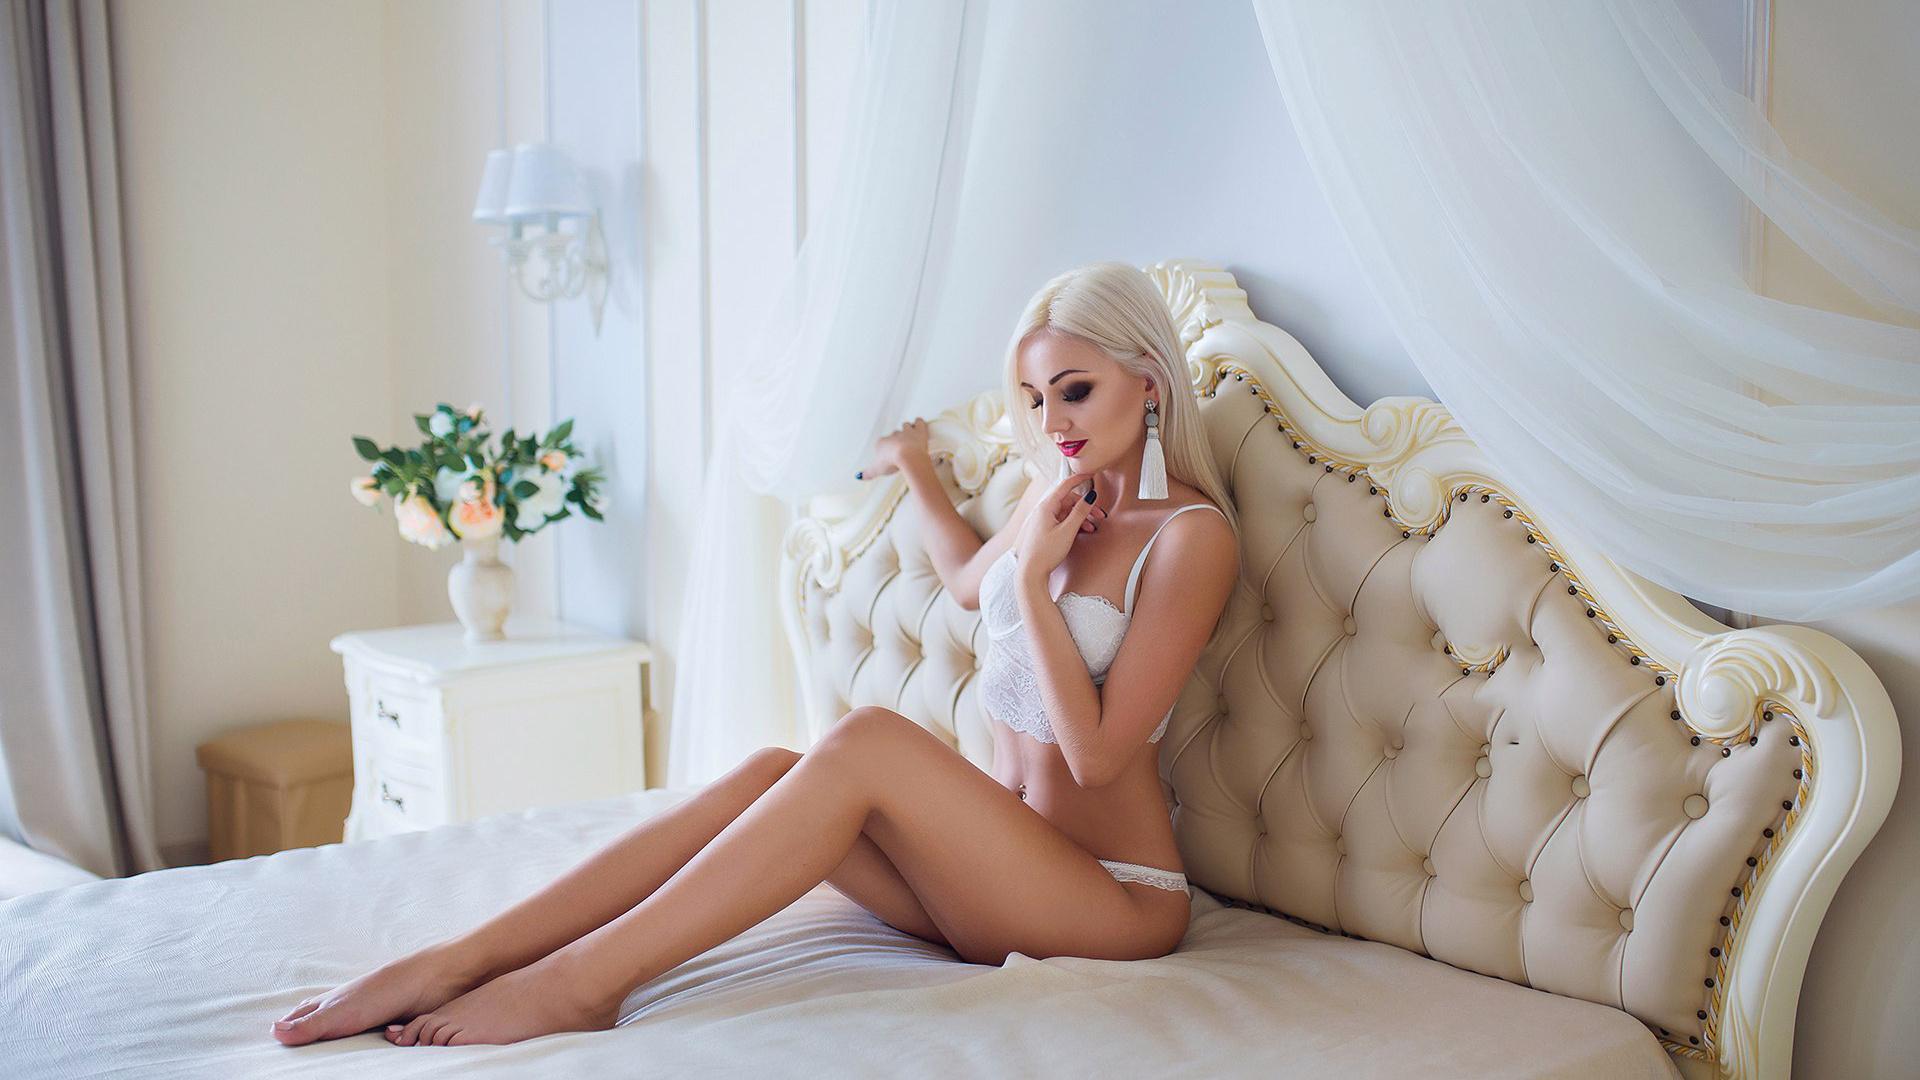 Красивая обнаженная блондинка, секс фото качественно крупно красиво